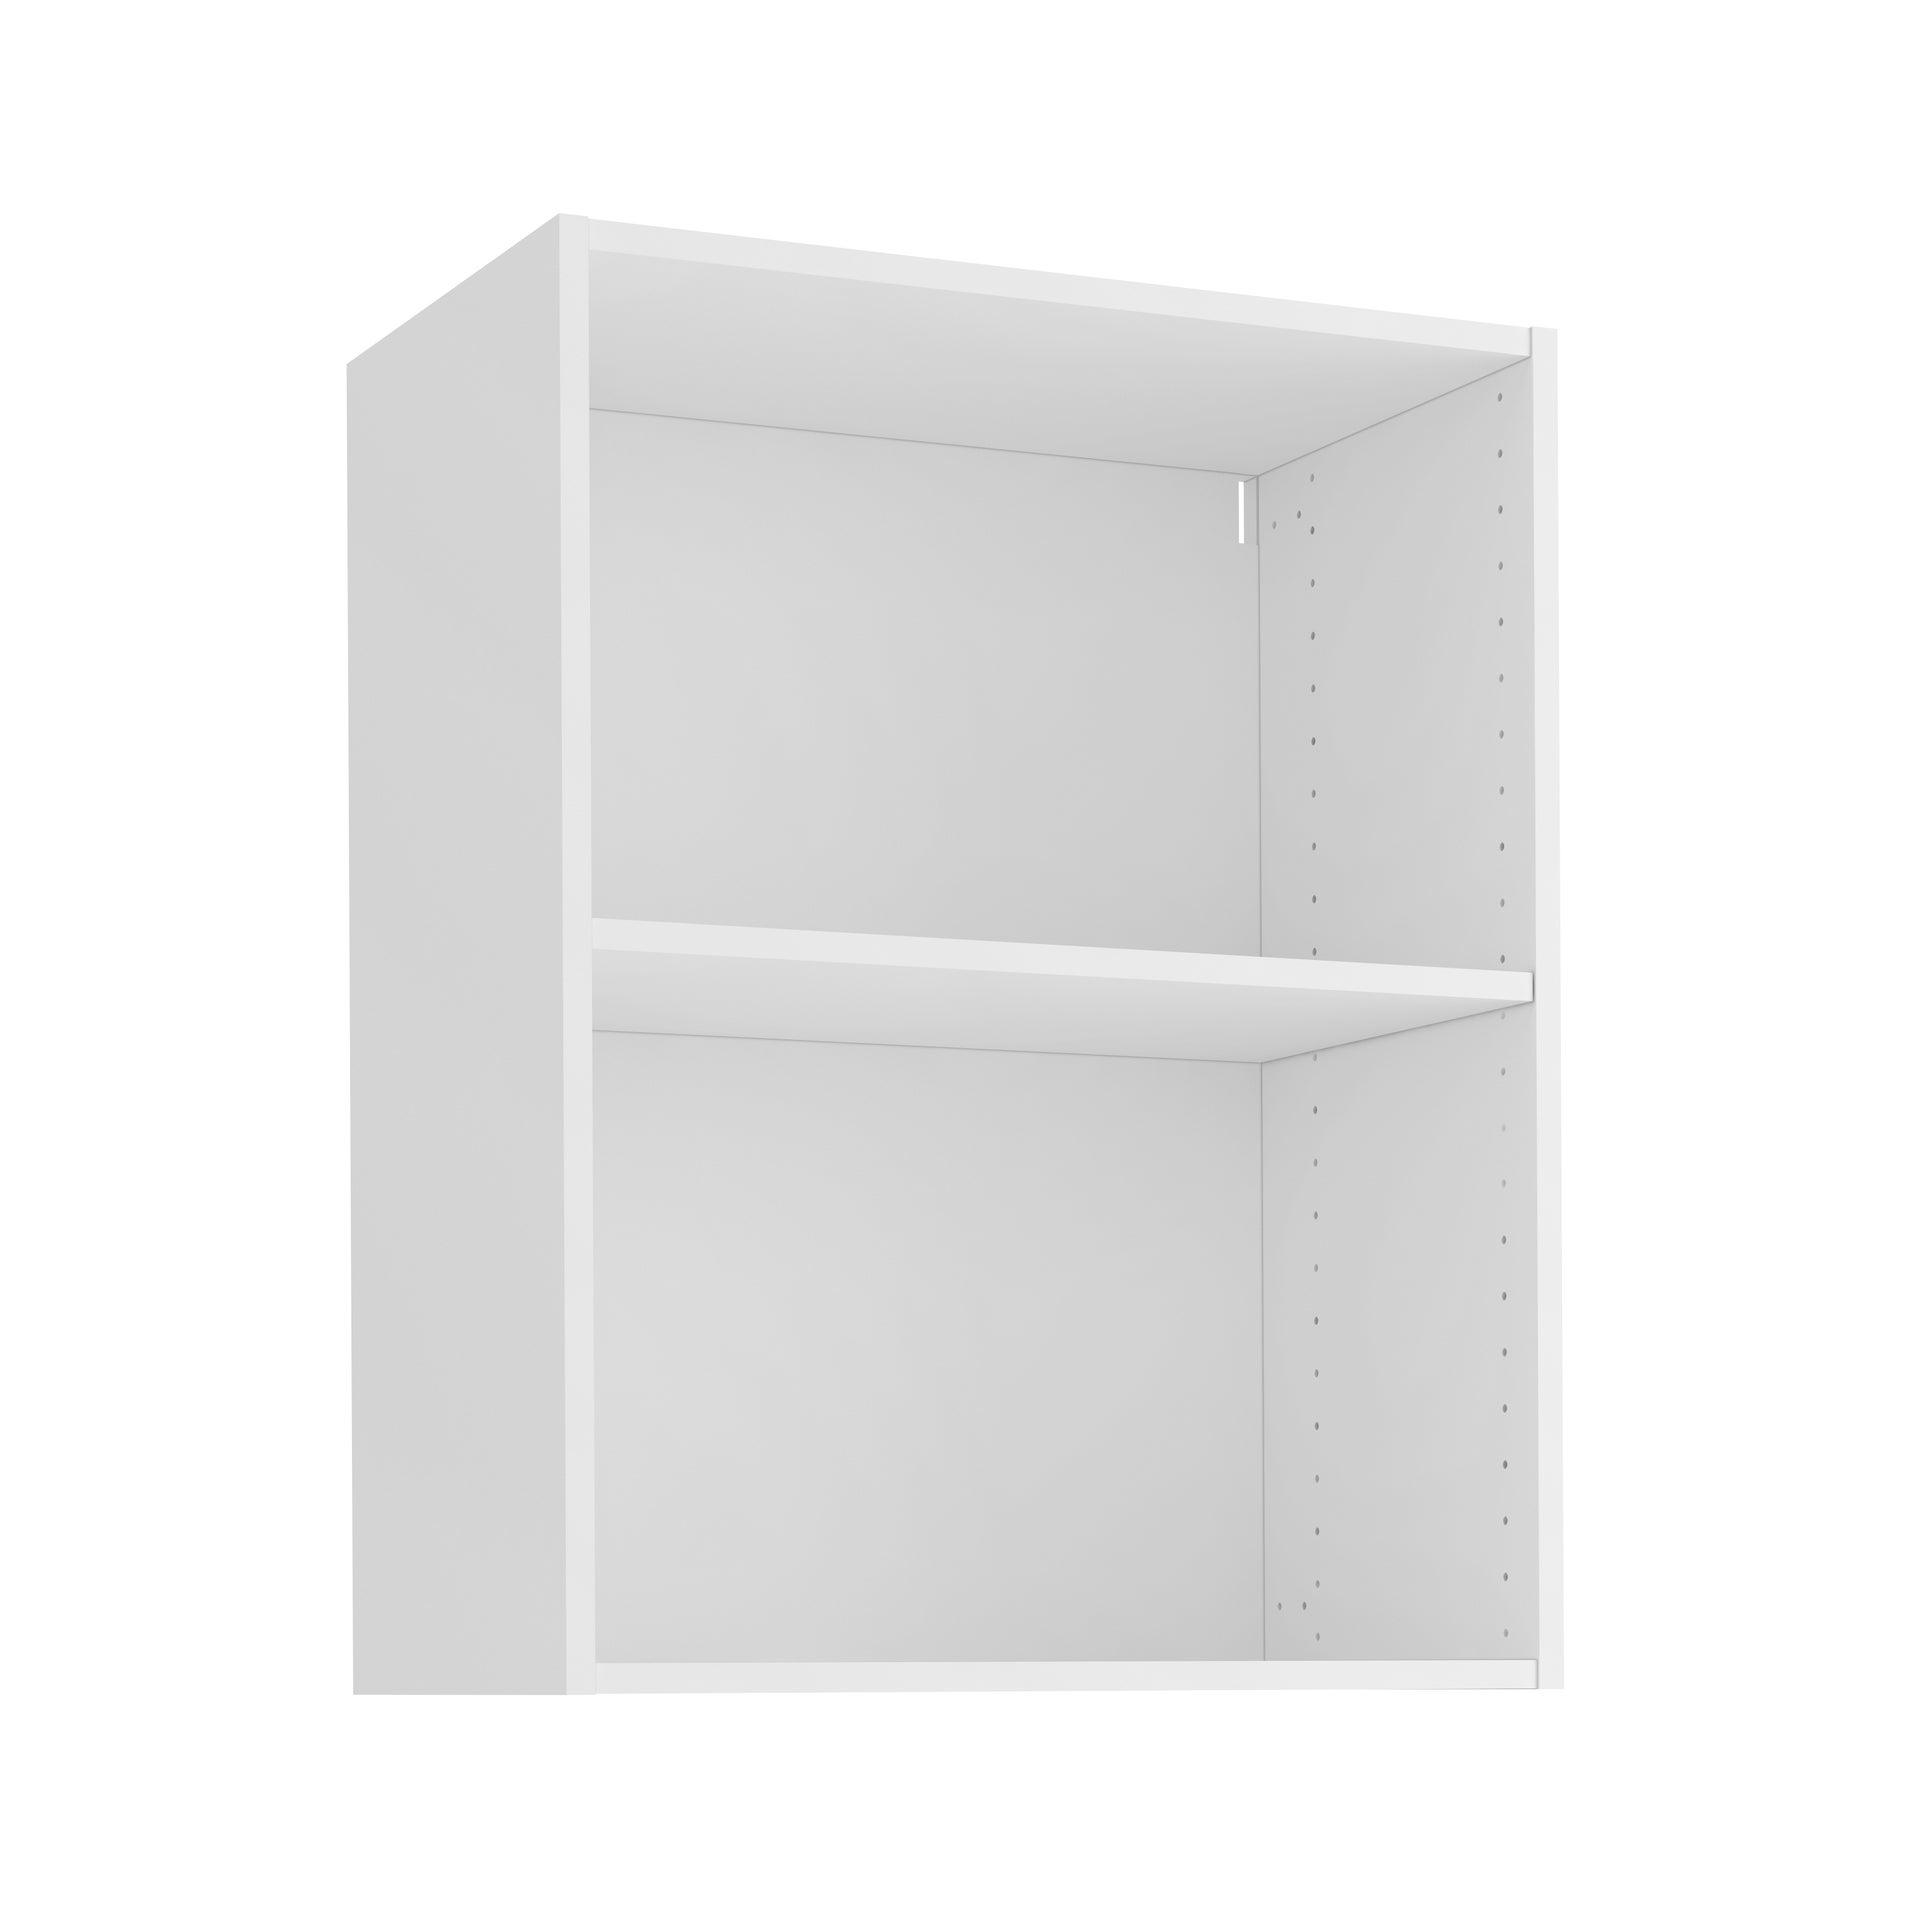 Caisson de cuisine haut DELINIA ID, blanc H.15.15 x l.15 x P.15 cm